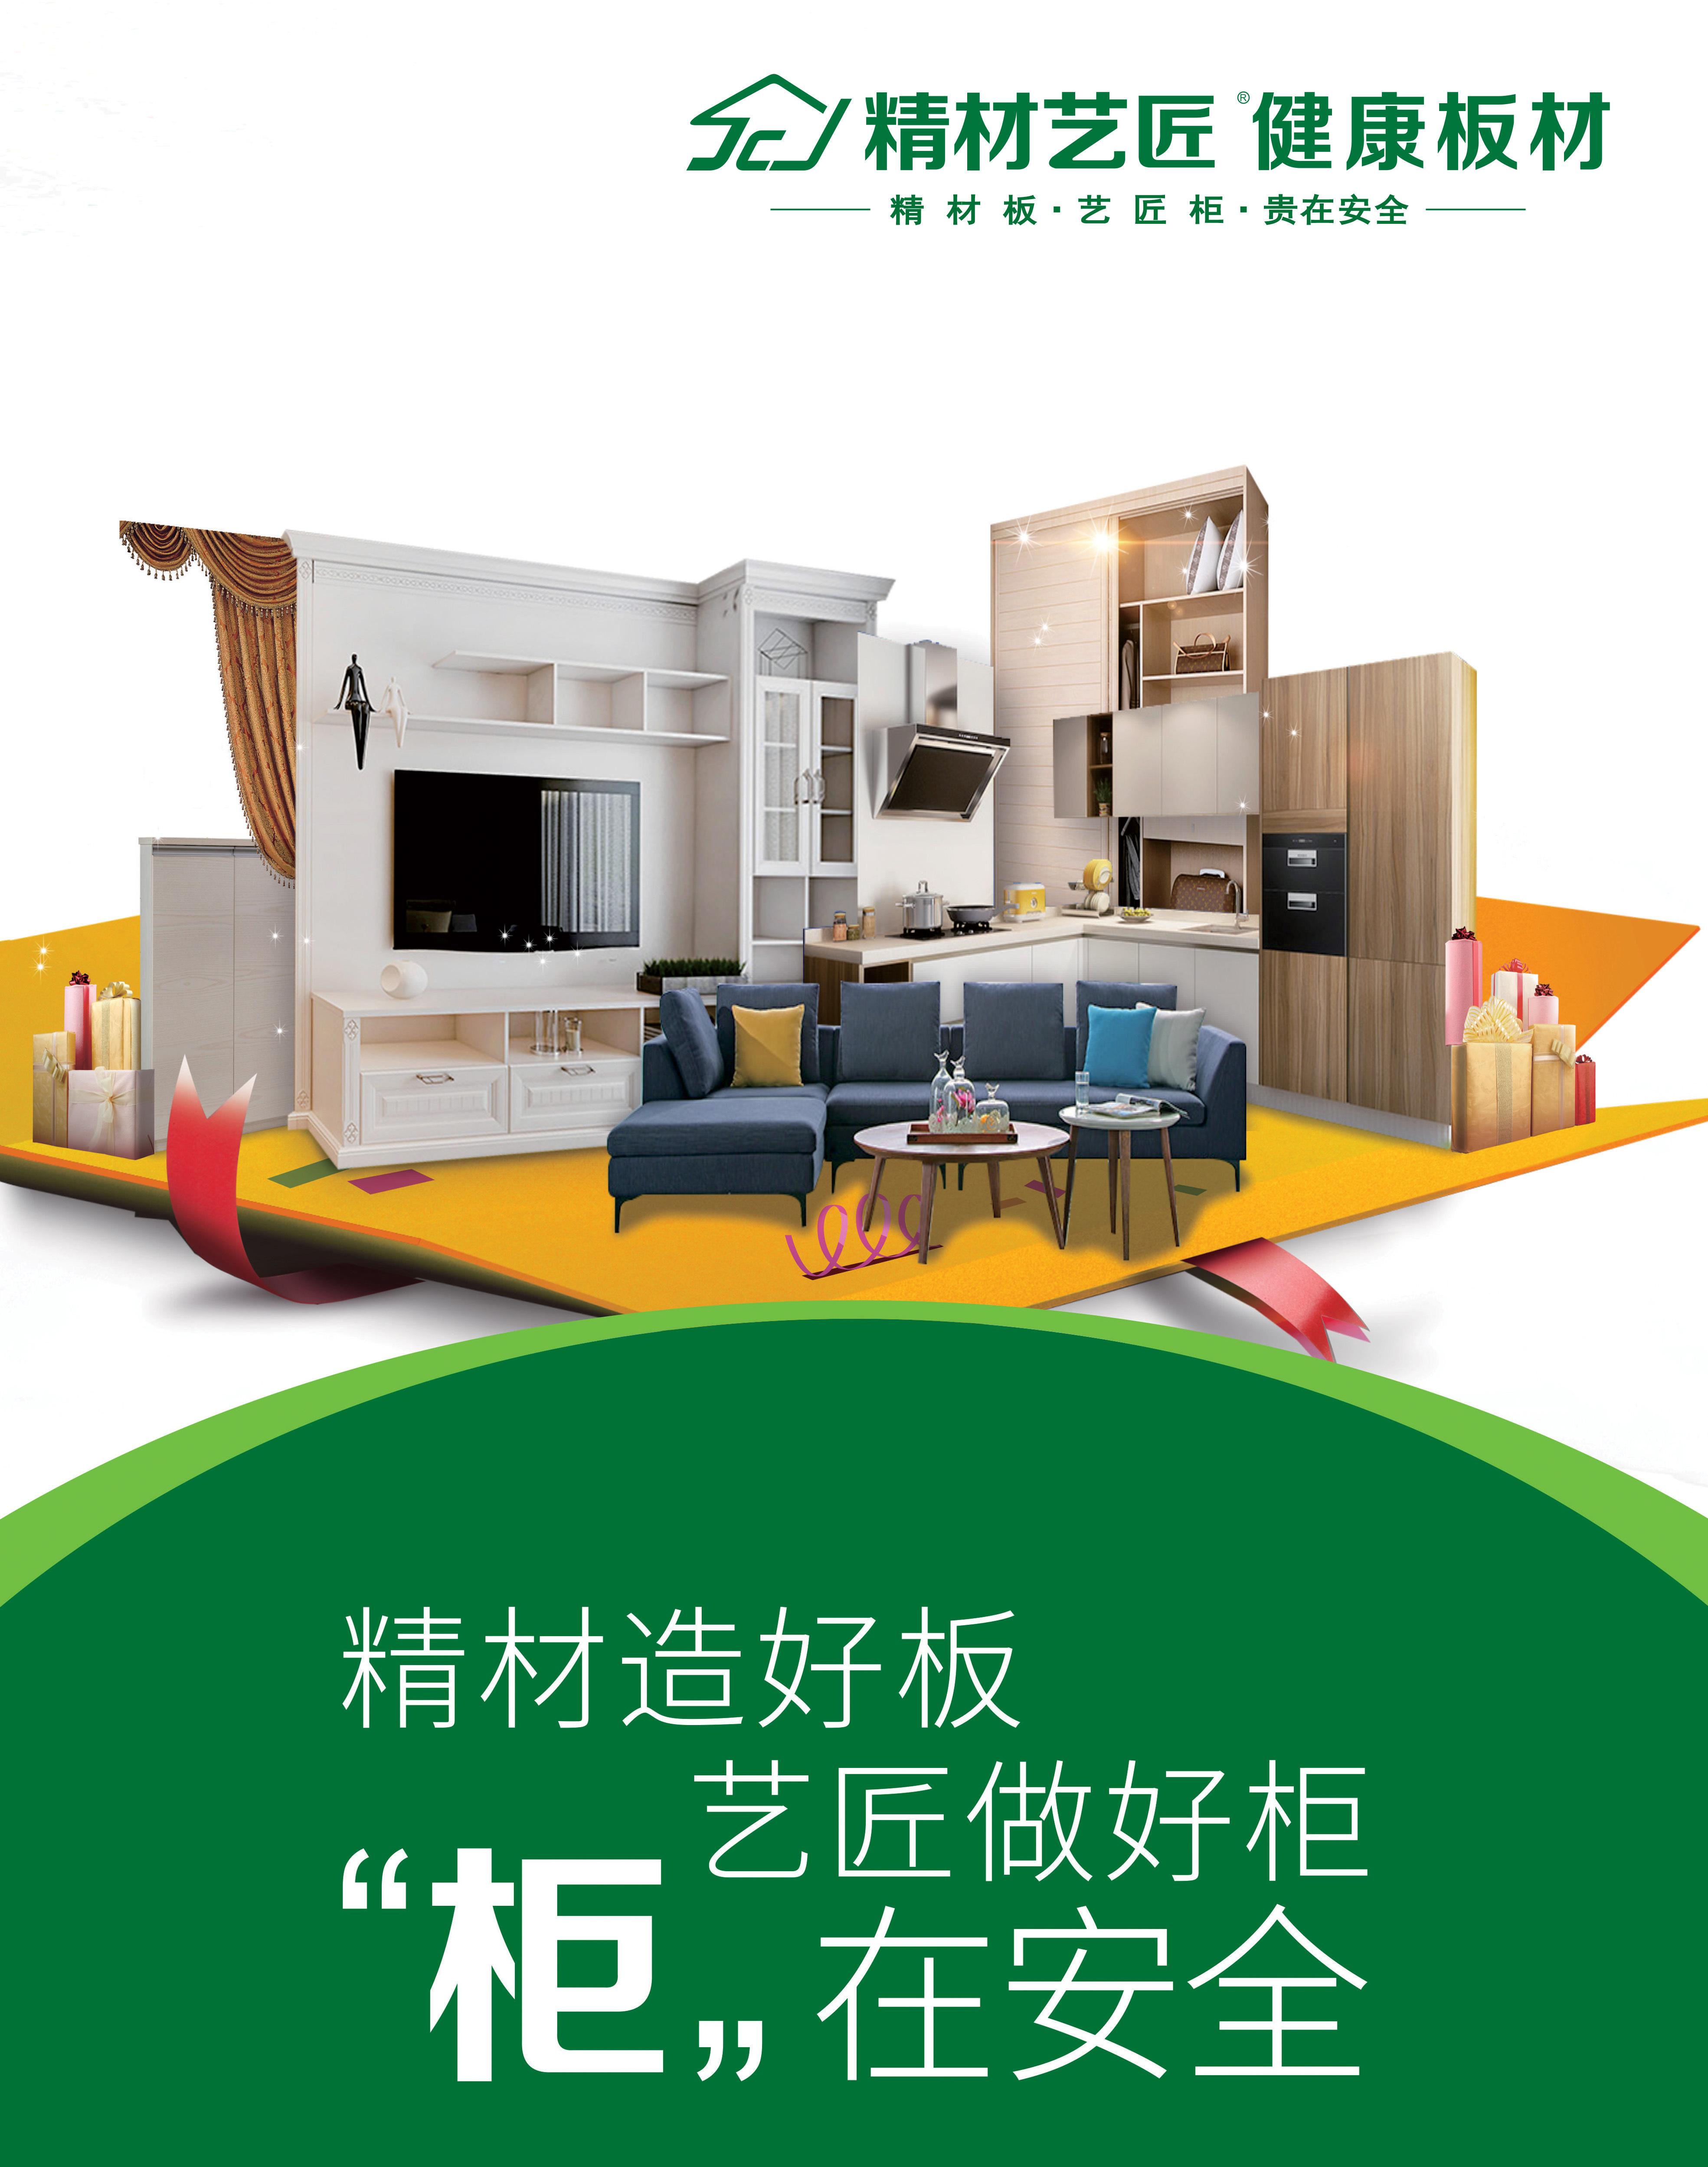 木博会完美收官,中国板材十大品牌精材艺匠感谢有你,一路同行!